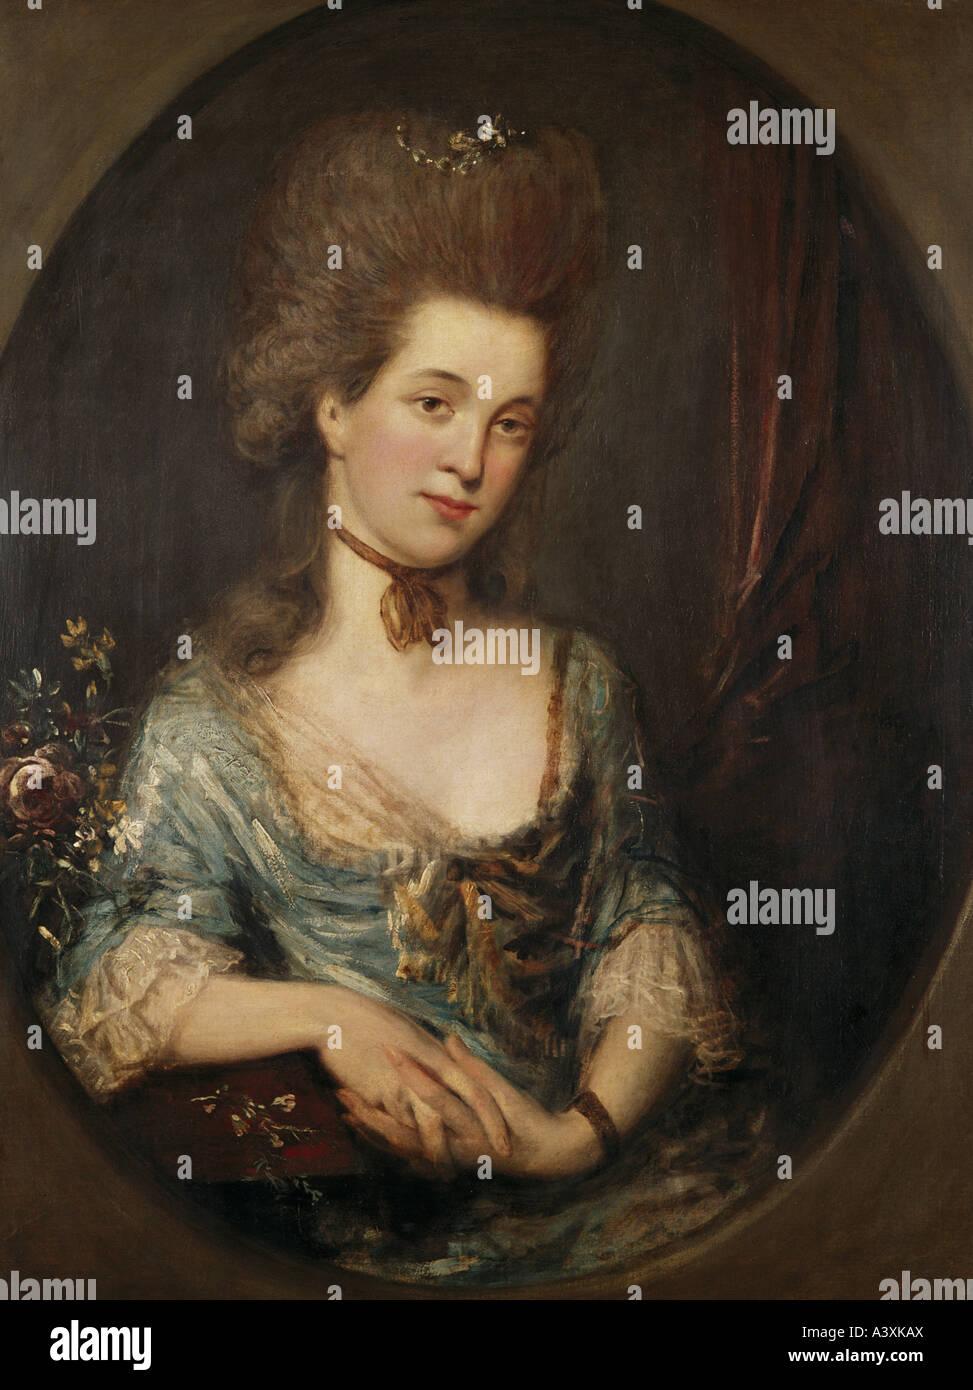 """""""Belle Arti, Gainsborough, Thomas (1727 - 1788), pittura, """"Ritratto di dama"""", olio su tela, 91,5 Immagini Stock"""